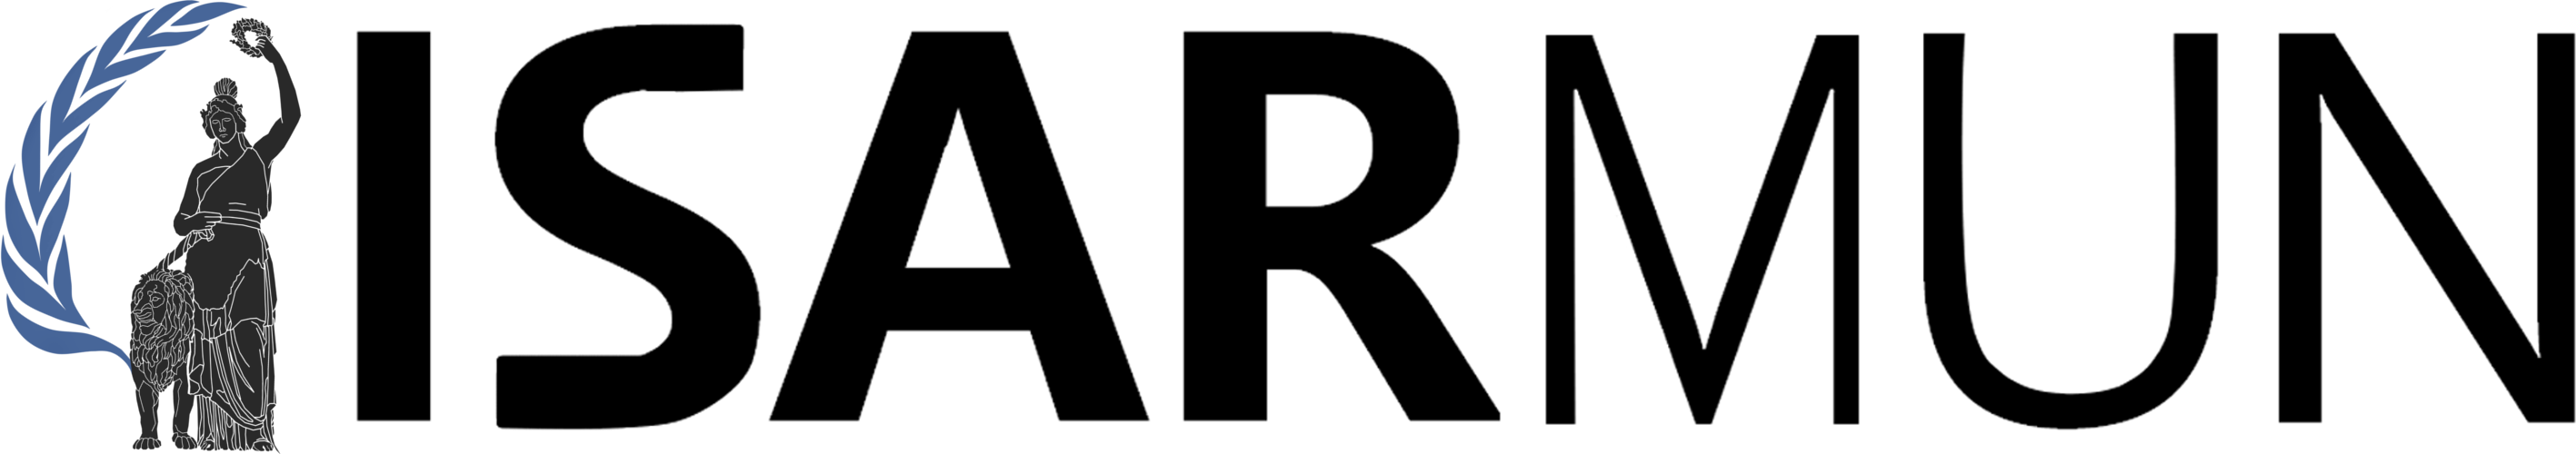 IsarMUN